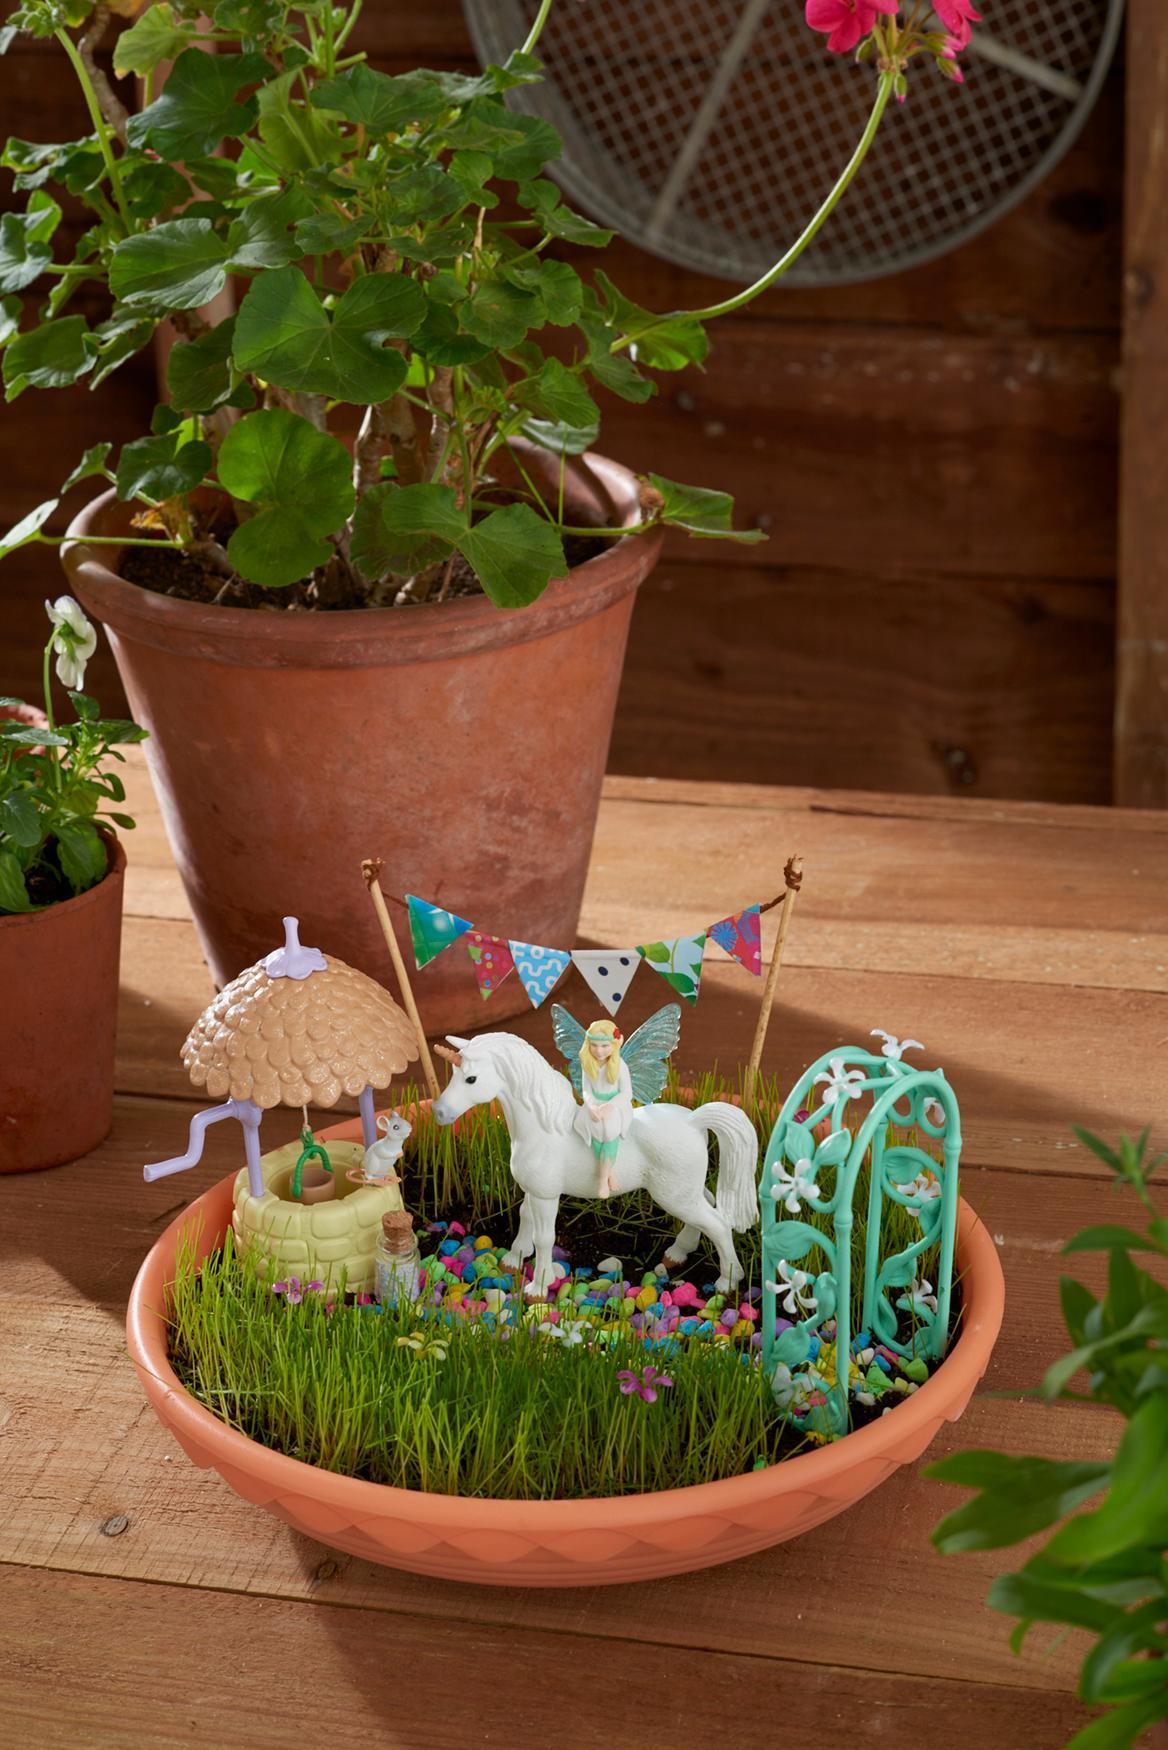 My Fairy Garden Unicorn Garden: Interplay: Amazon.co.uk